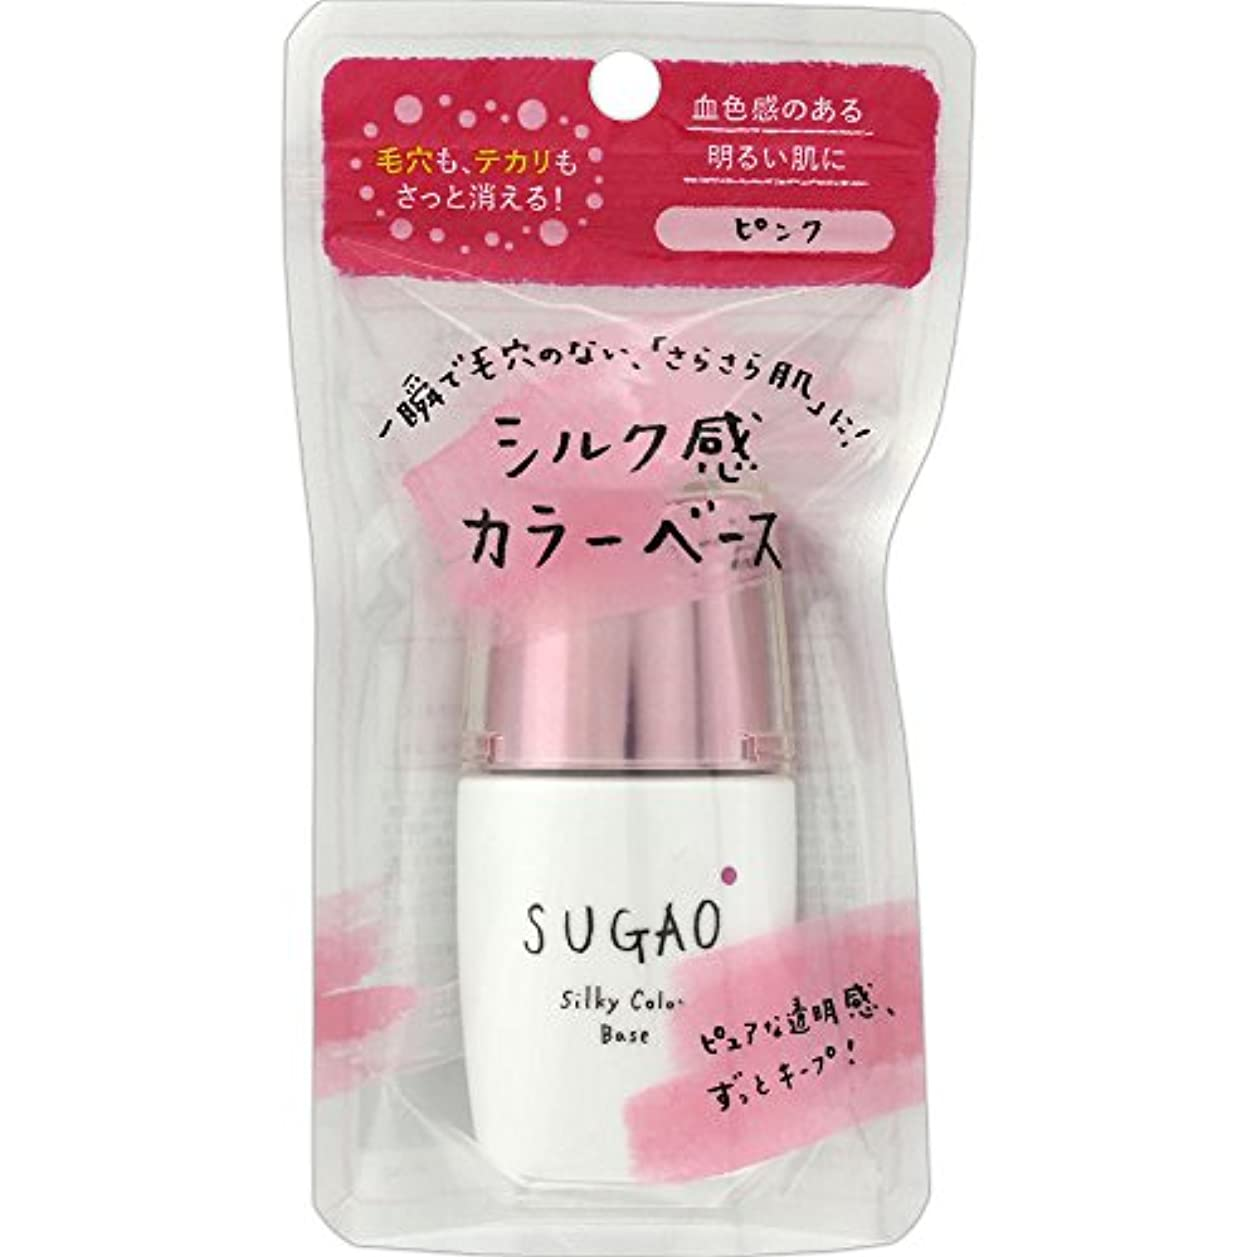 通行料金衣服解放するスガオ (SUGAO) シルク感カラーベース ピンク SPF20 PA+++ 20mL